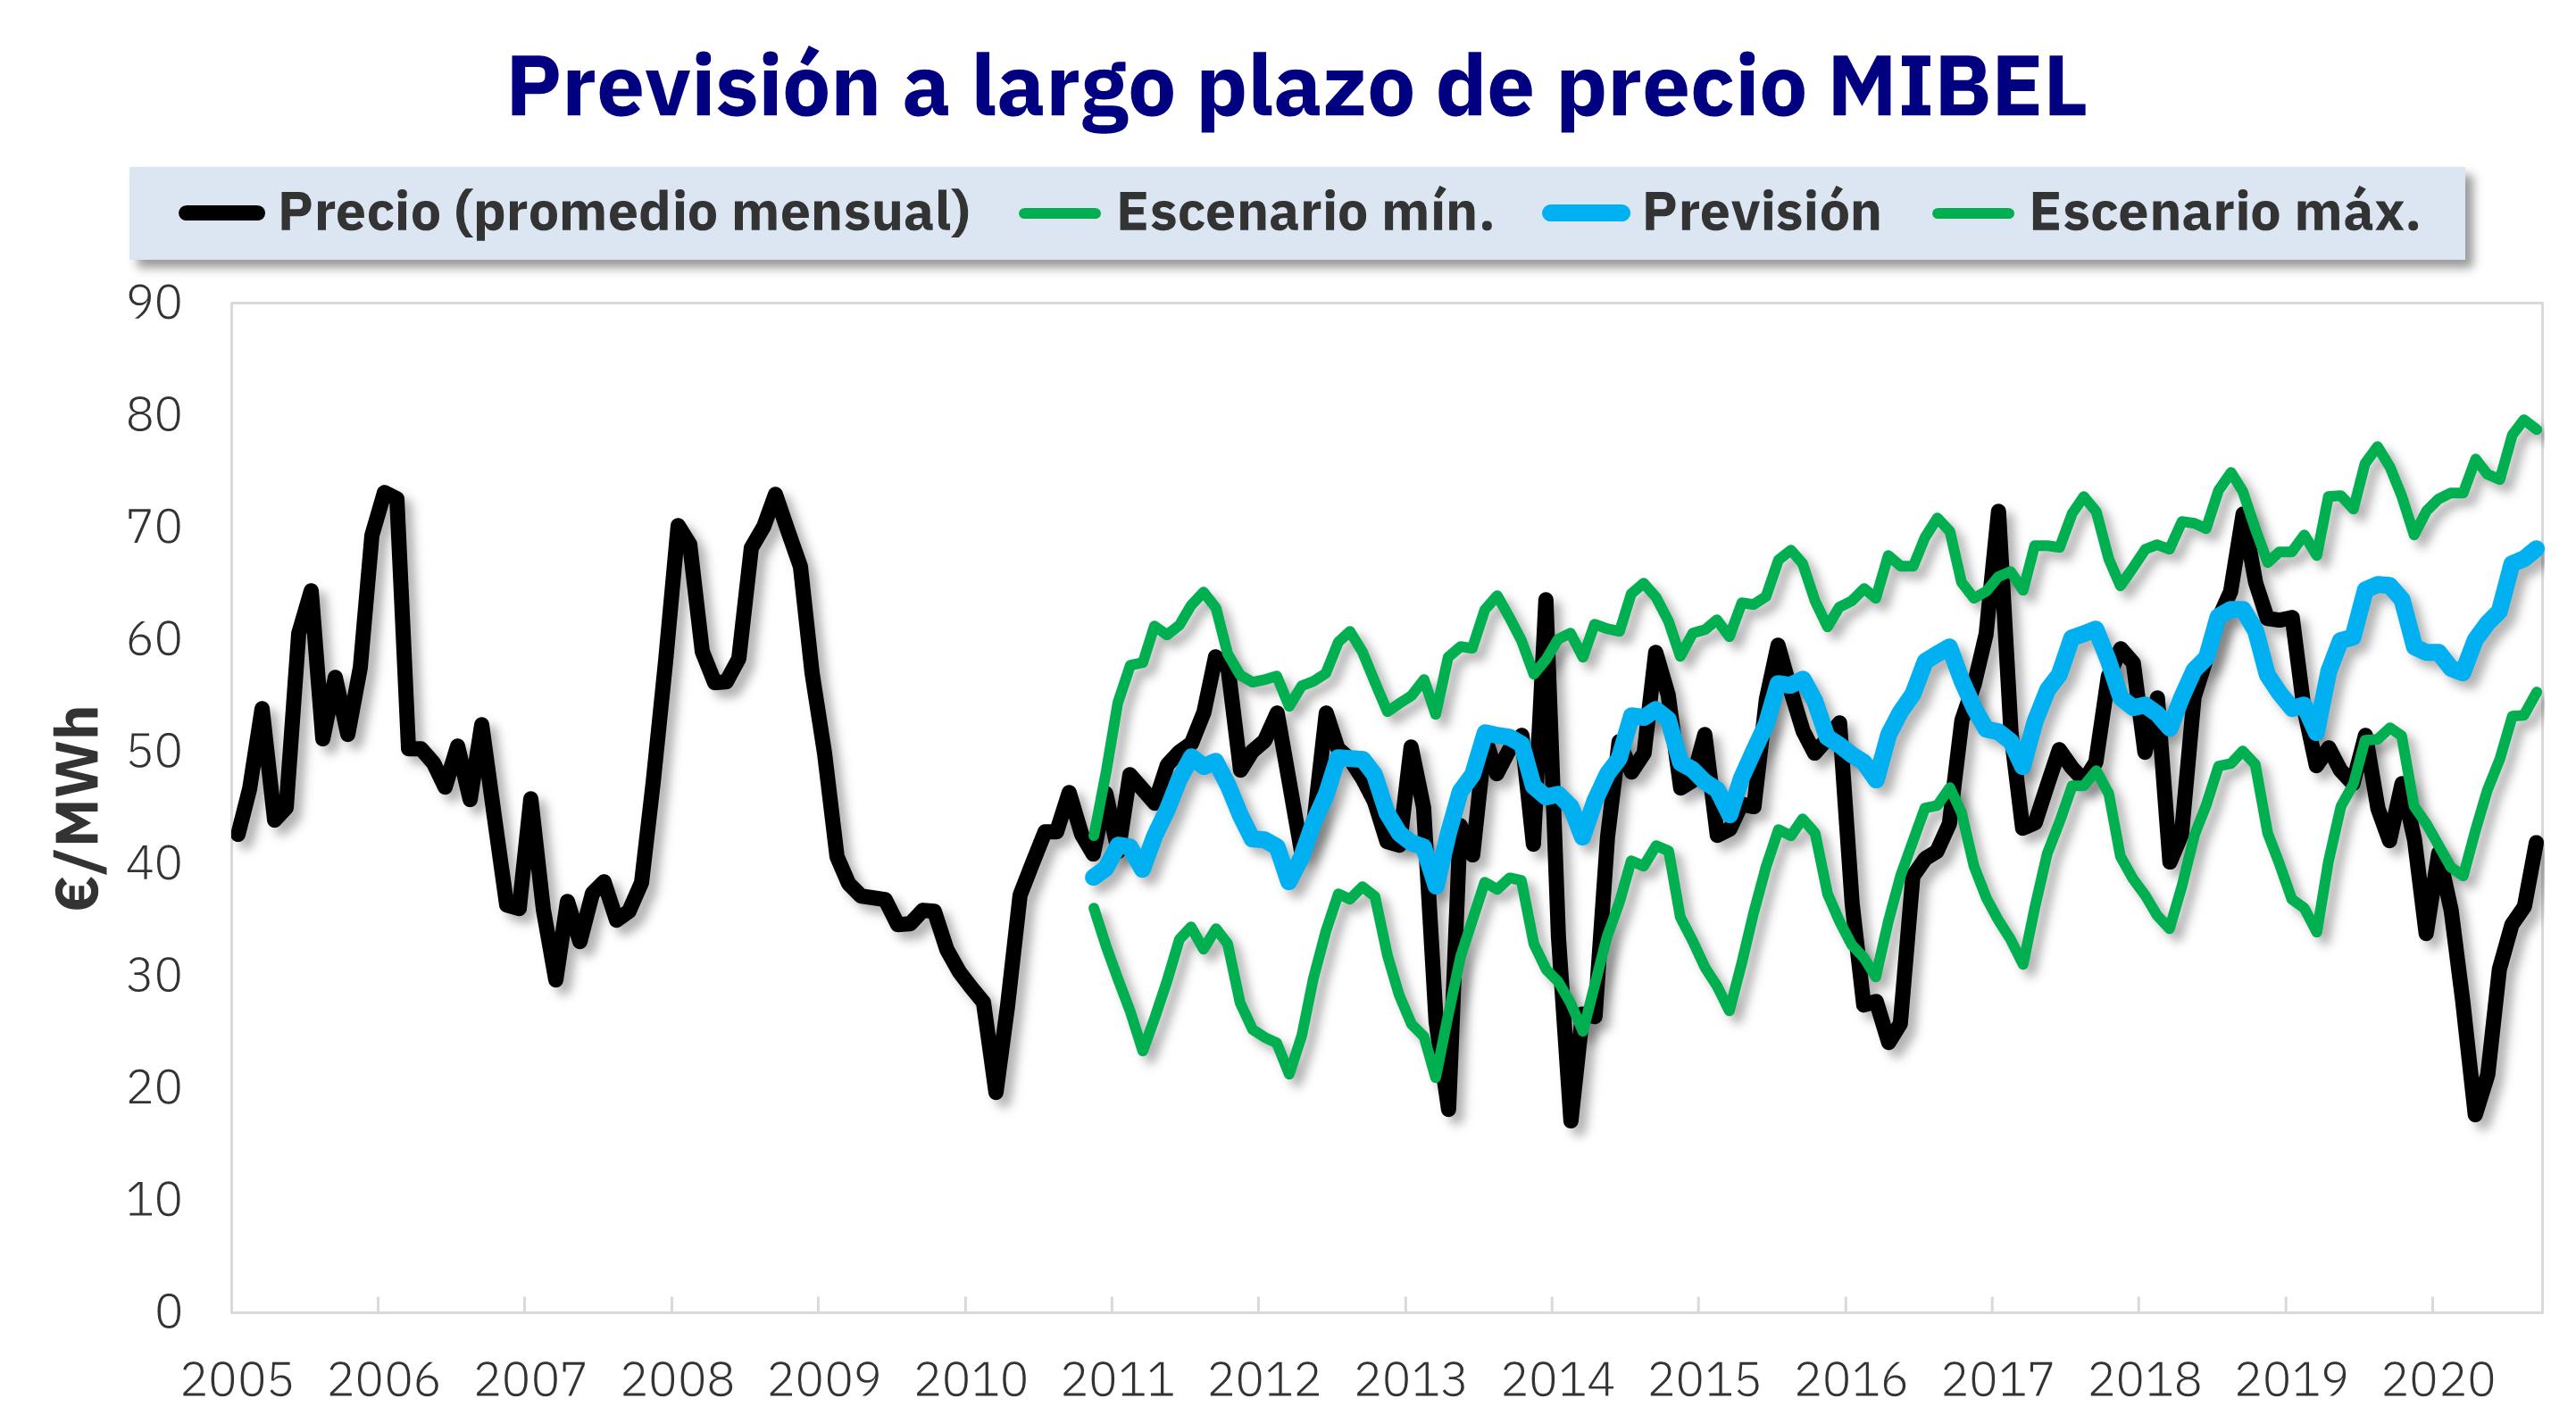 AleaSoft - Previsión de precios mercado electrico MIBEL España largo plazo